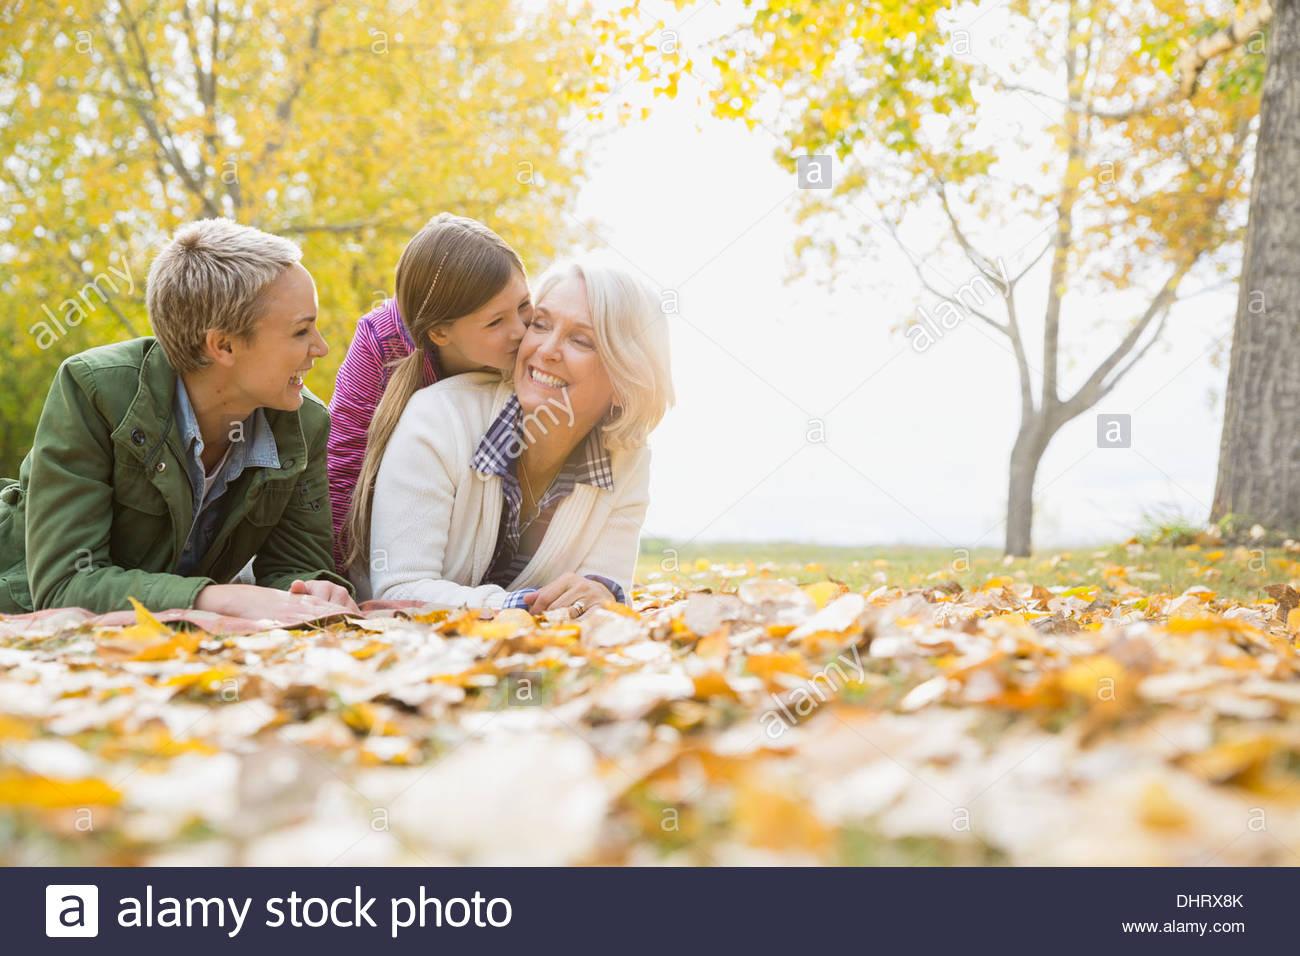 Alegre de generación múltiple femenino acostado en park Imagen De Stock